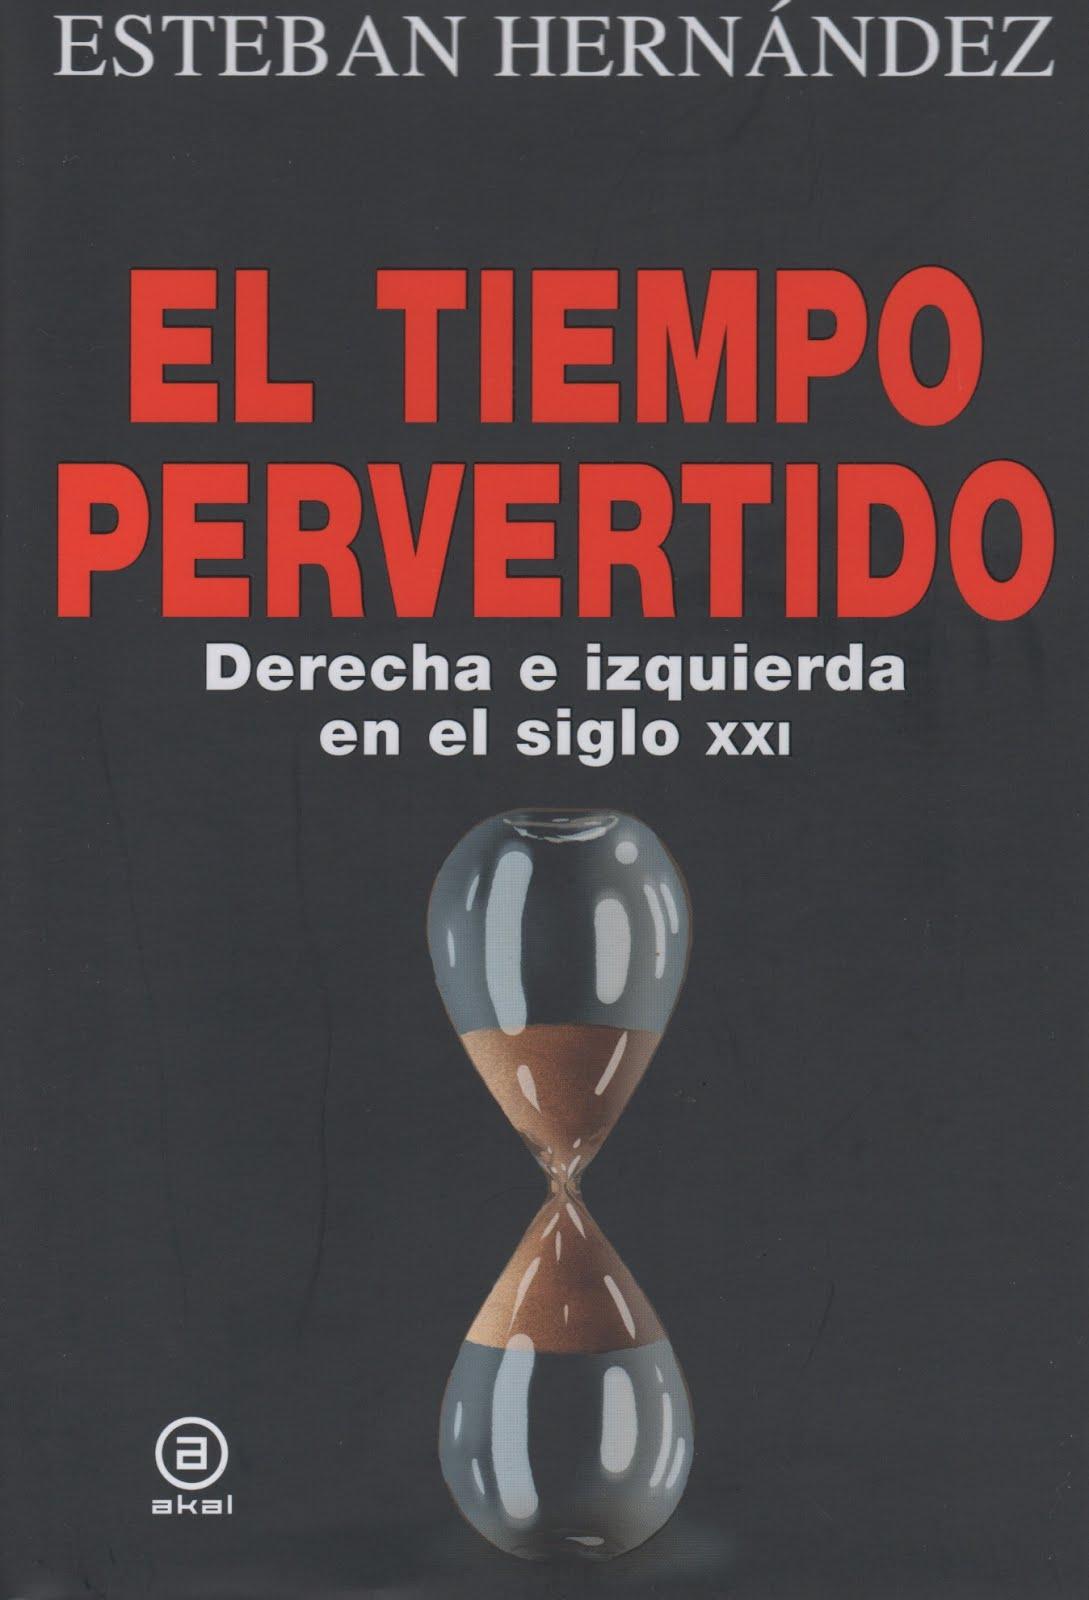 Esteban Hernández (El tiempo pervertido) Derecha e izquierda en el siglo XXI